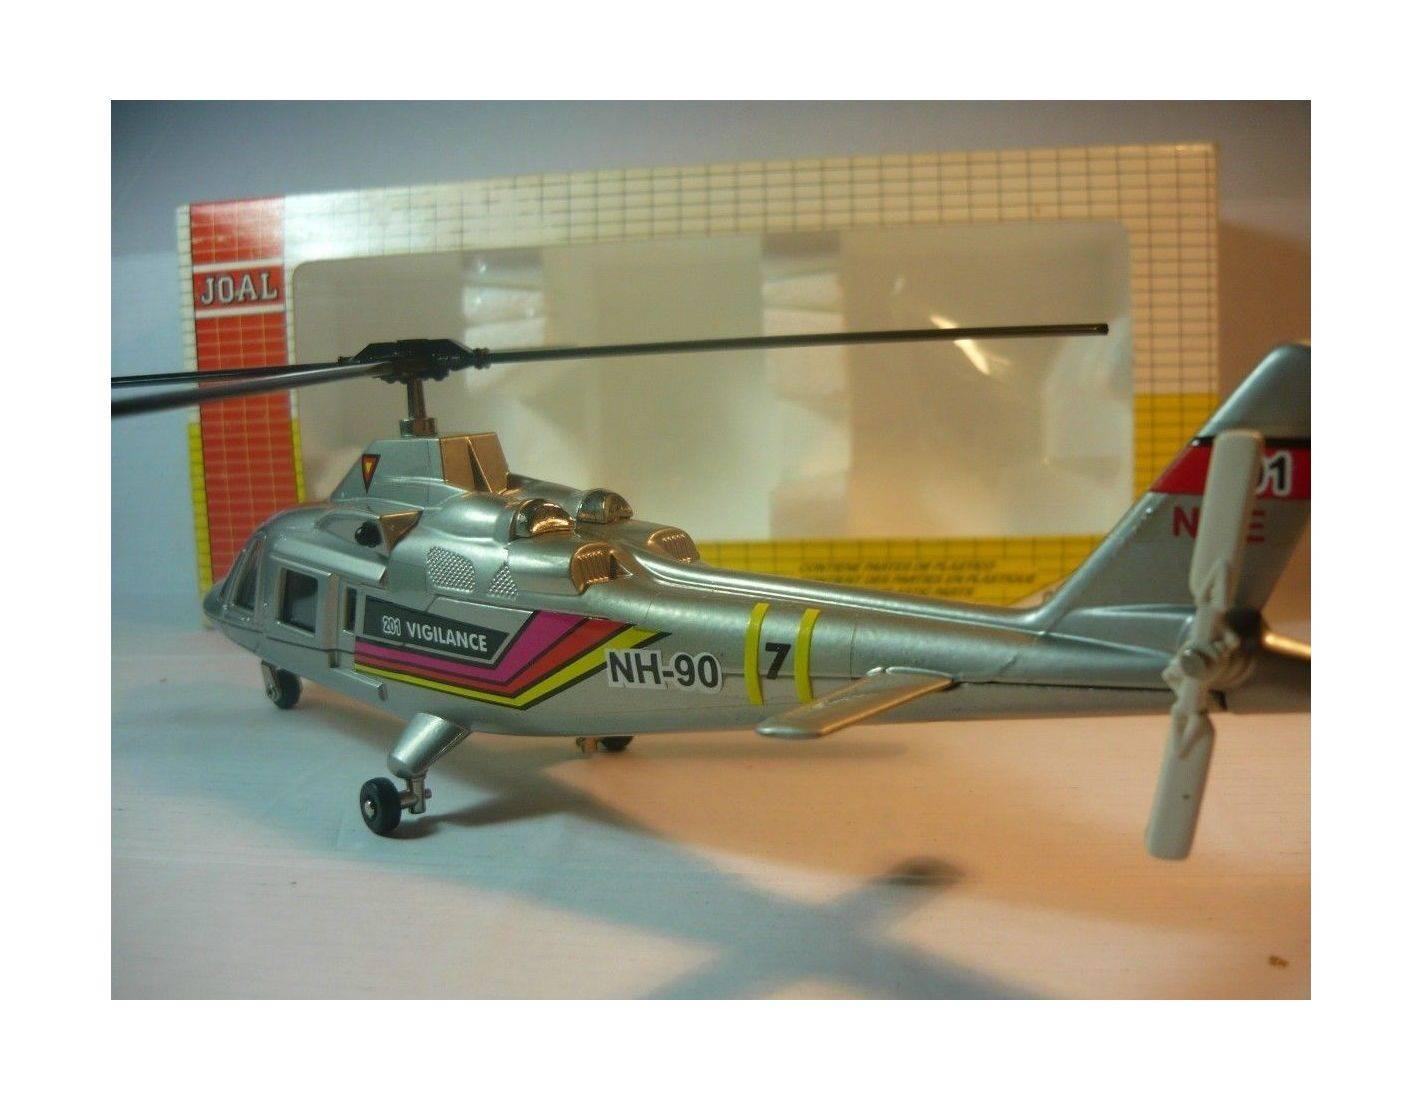 Elicottero Agusta : Joal elicottero agusta nh vigilance modellino